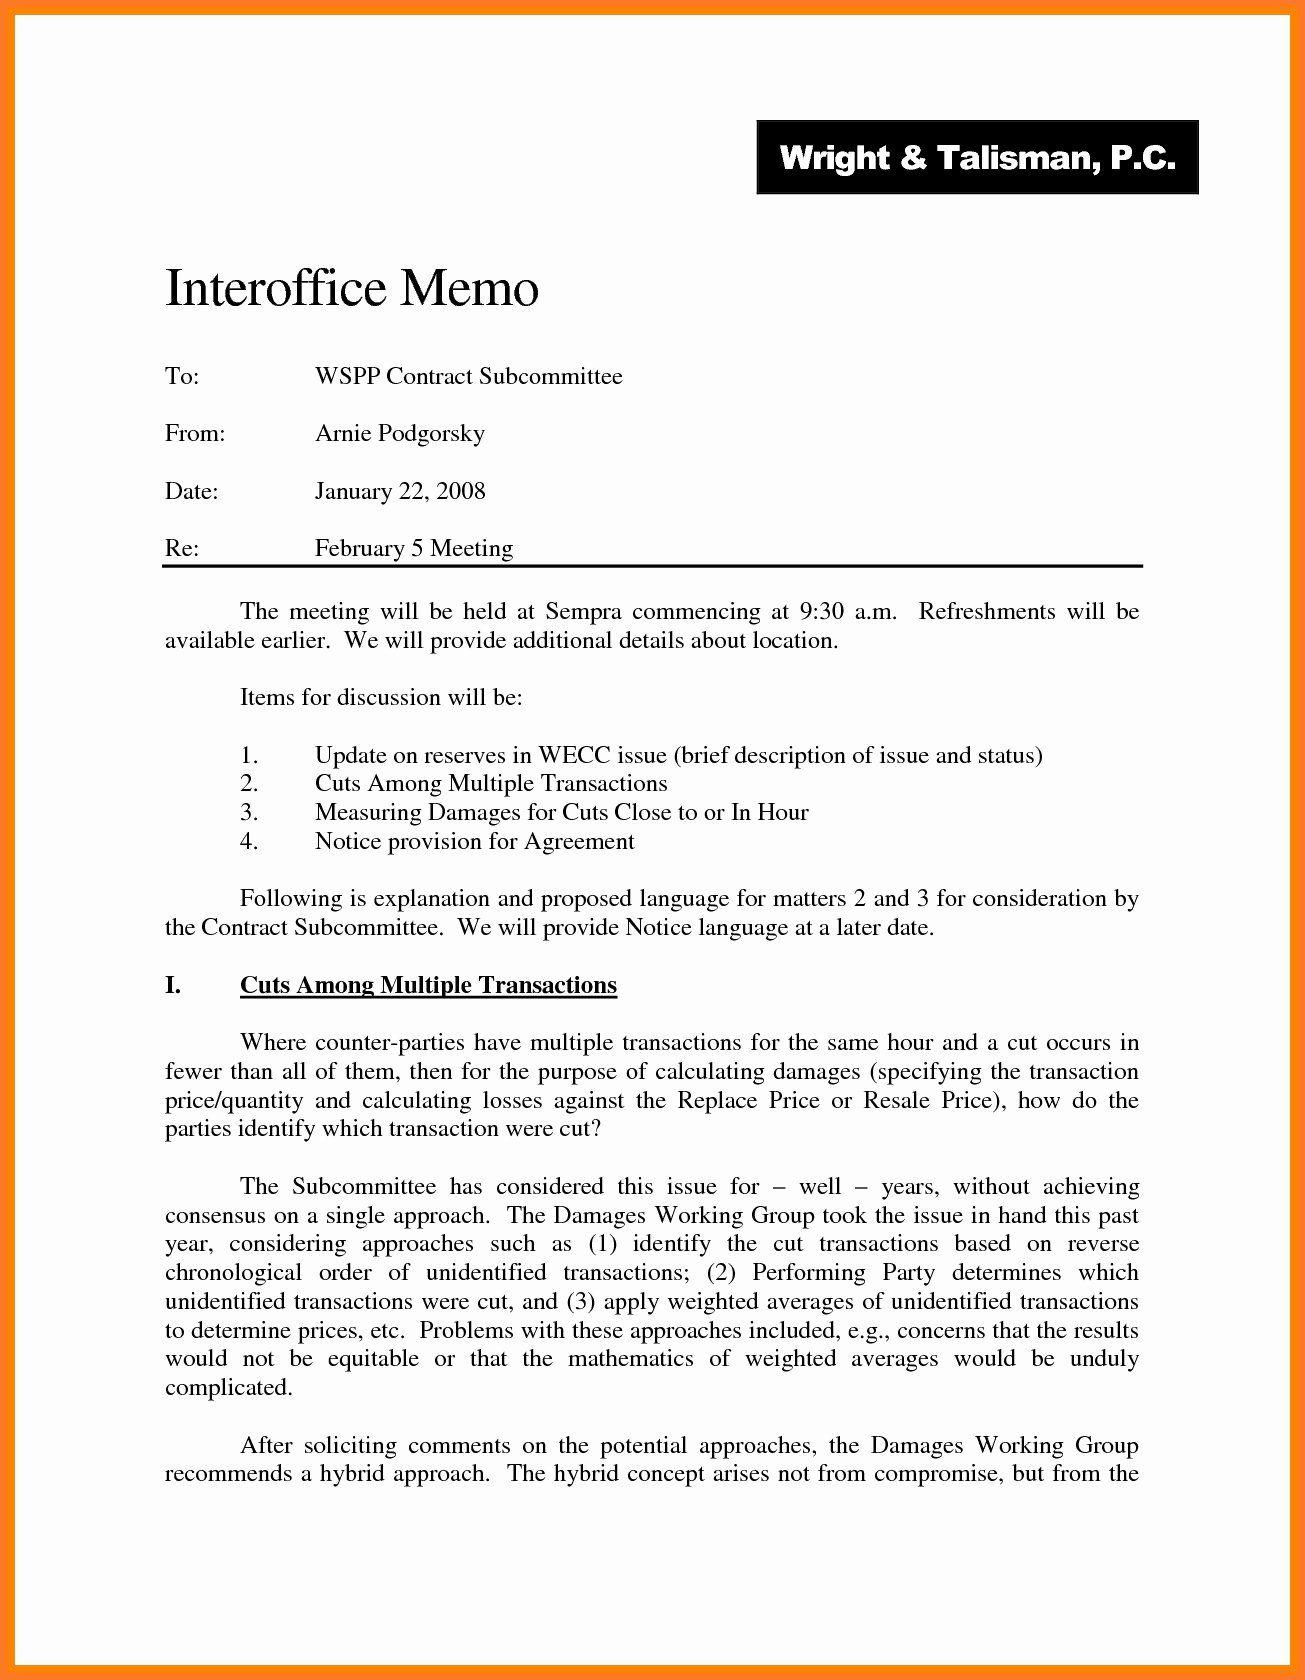 Sample Legal Memo Format In 2020 Memo Format Memo Executive